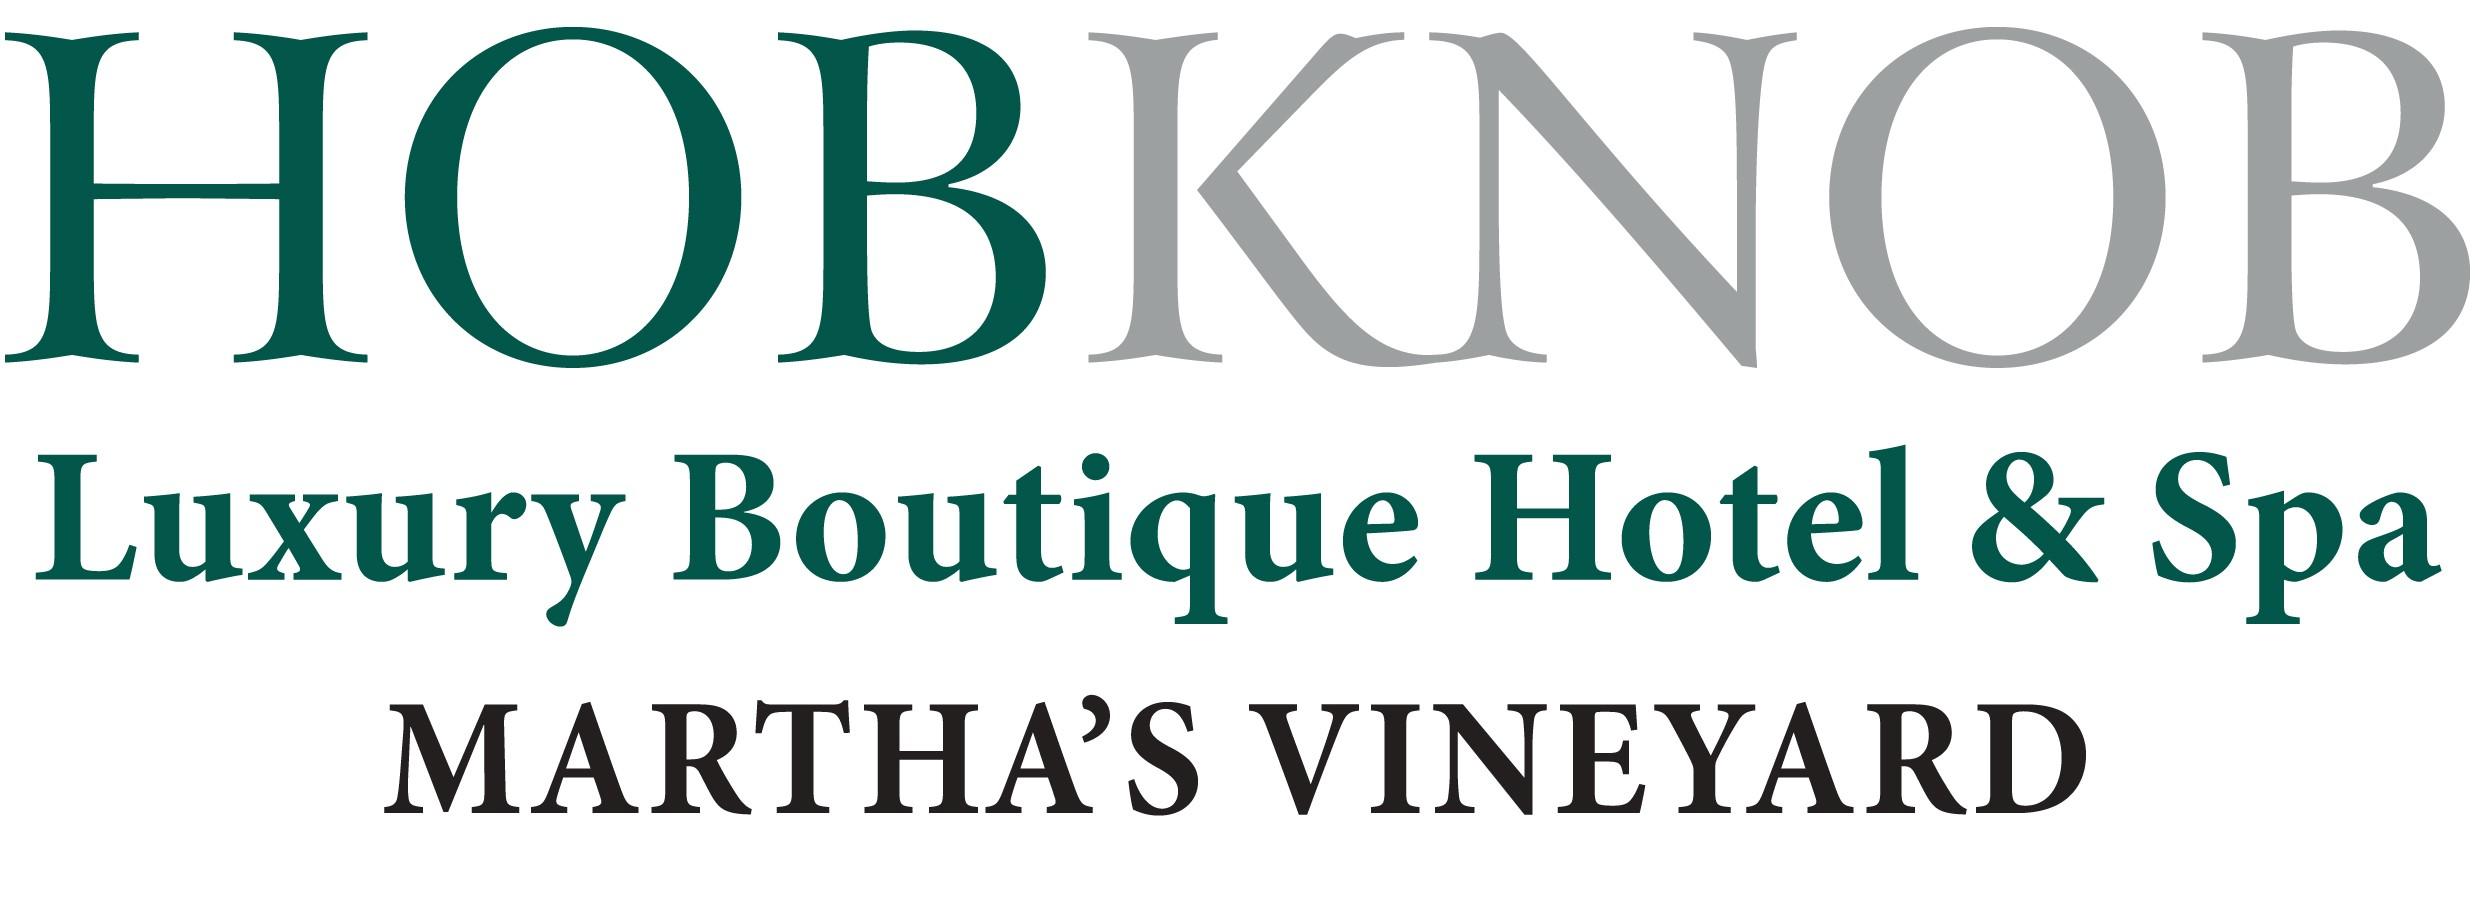 Hob Knob logo.jpg